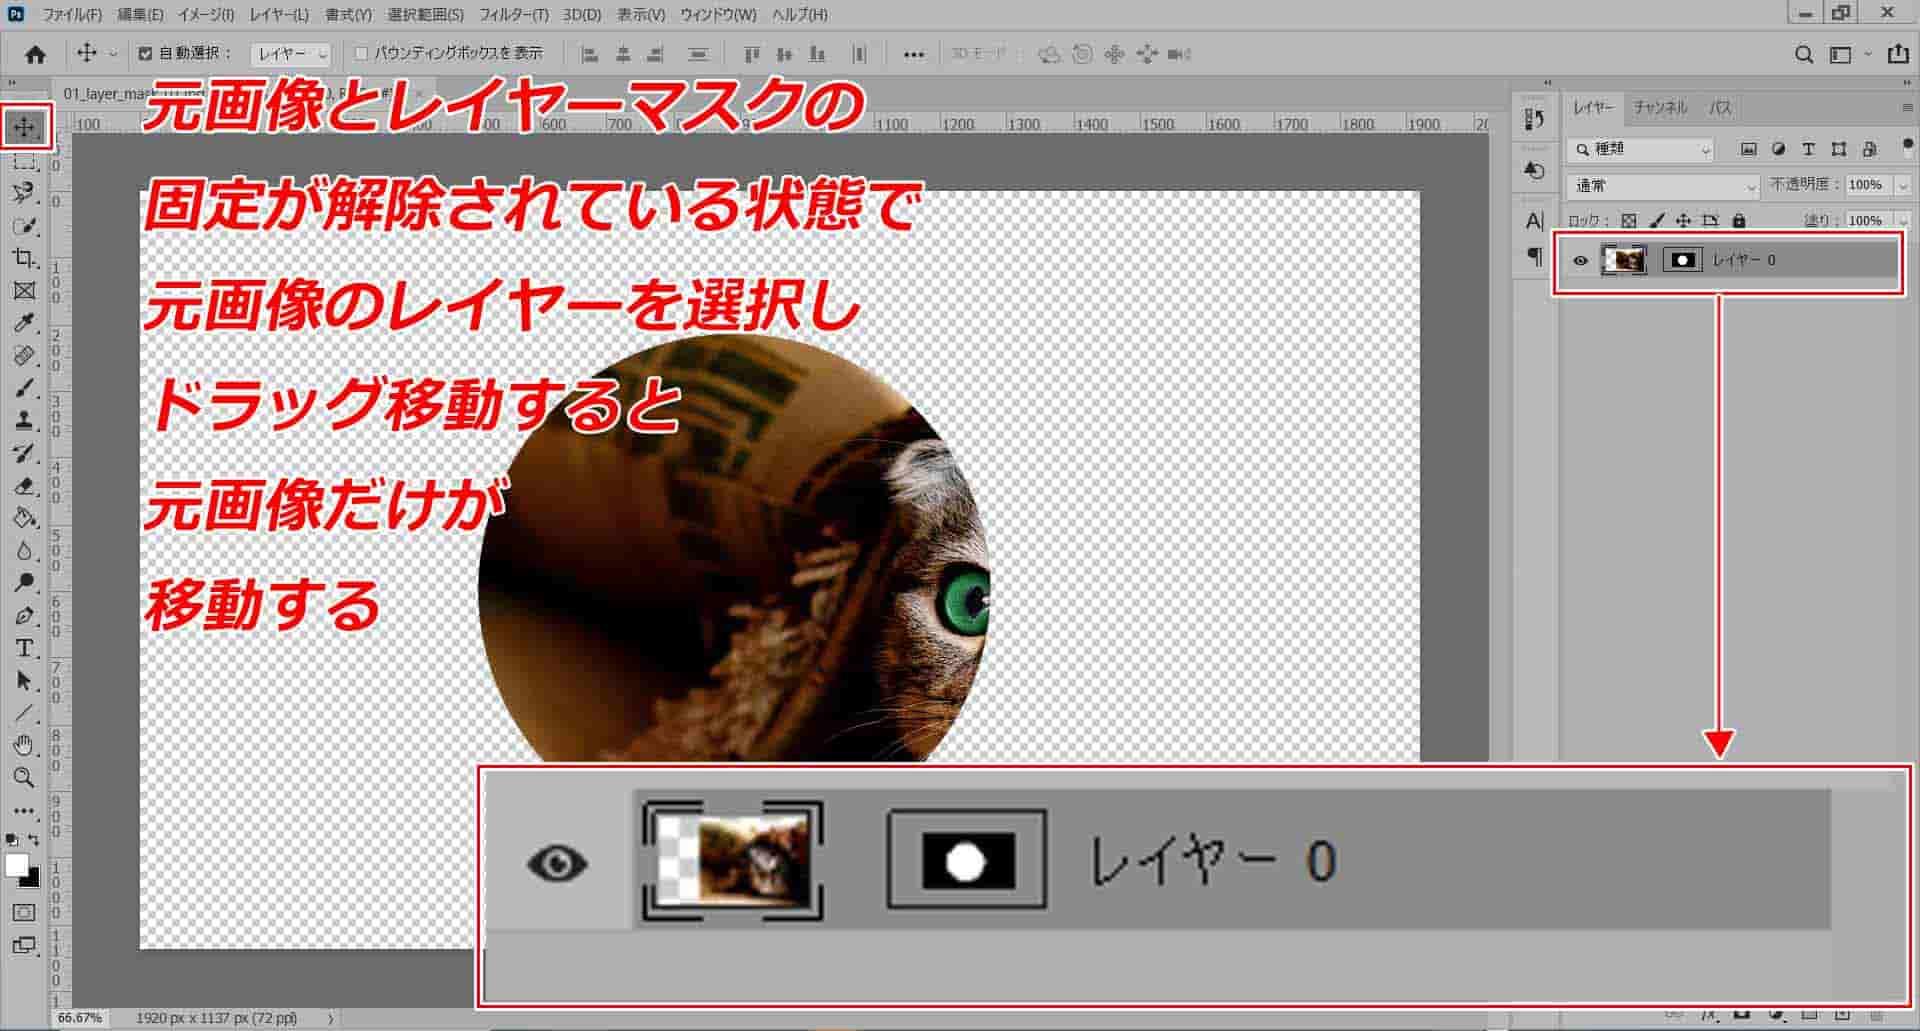 レイヤーマスクと元画像レイヤーが固定されていない状態で元画像レイヤーをドラッグ移動する